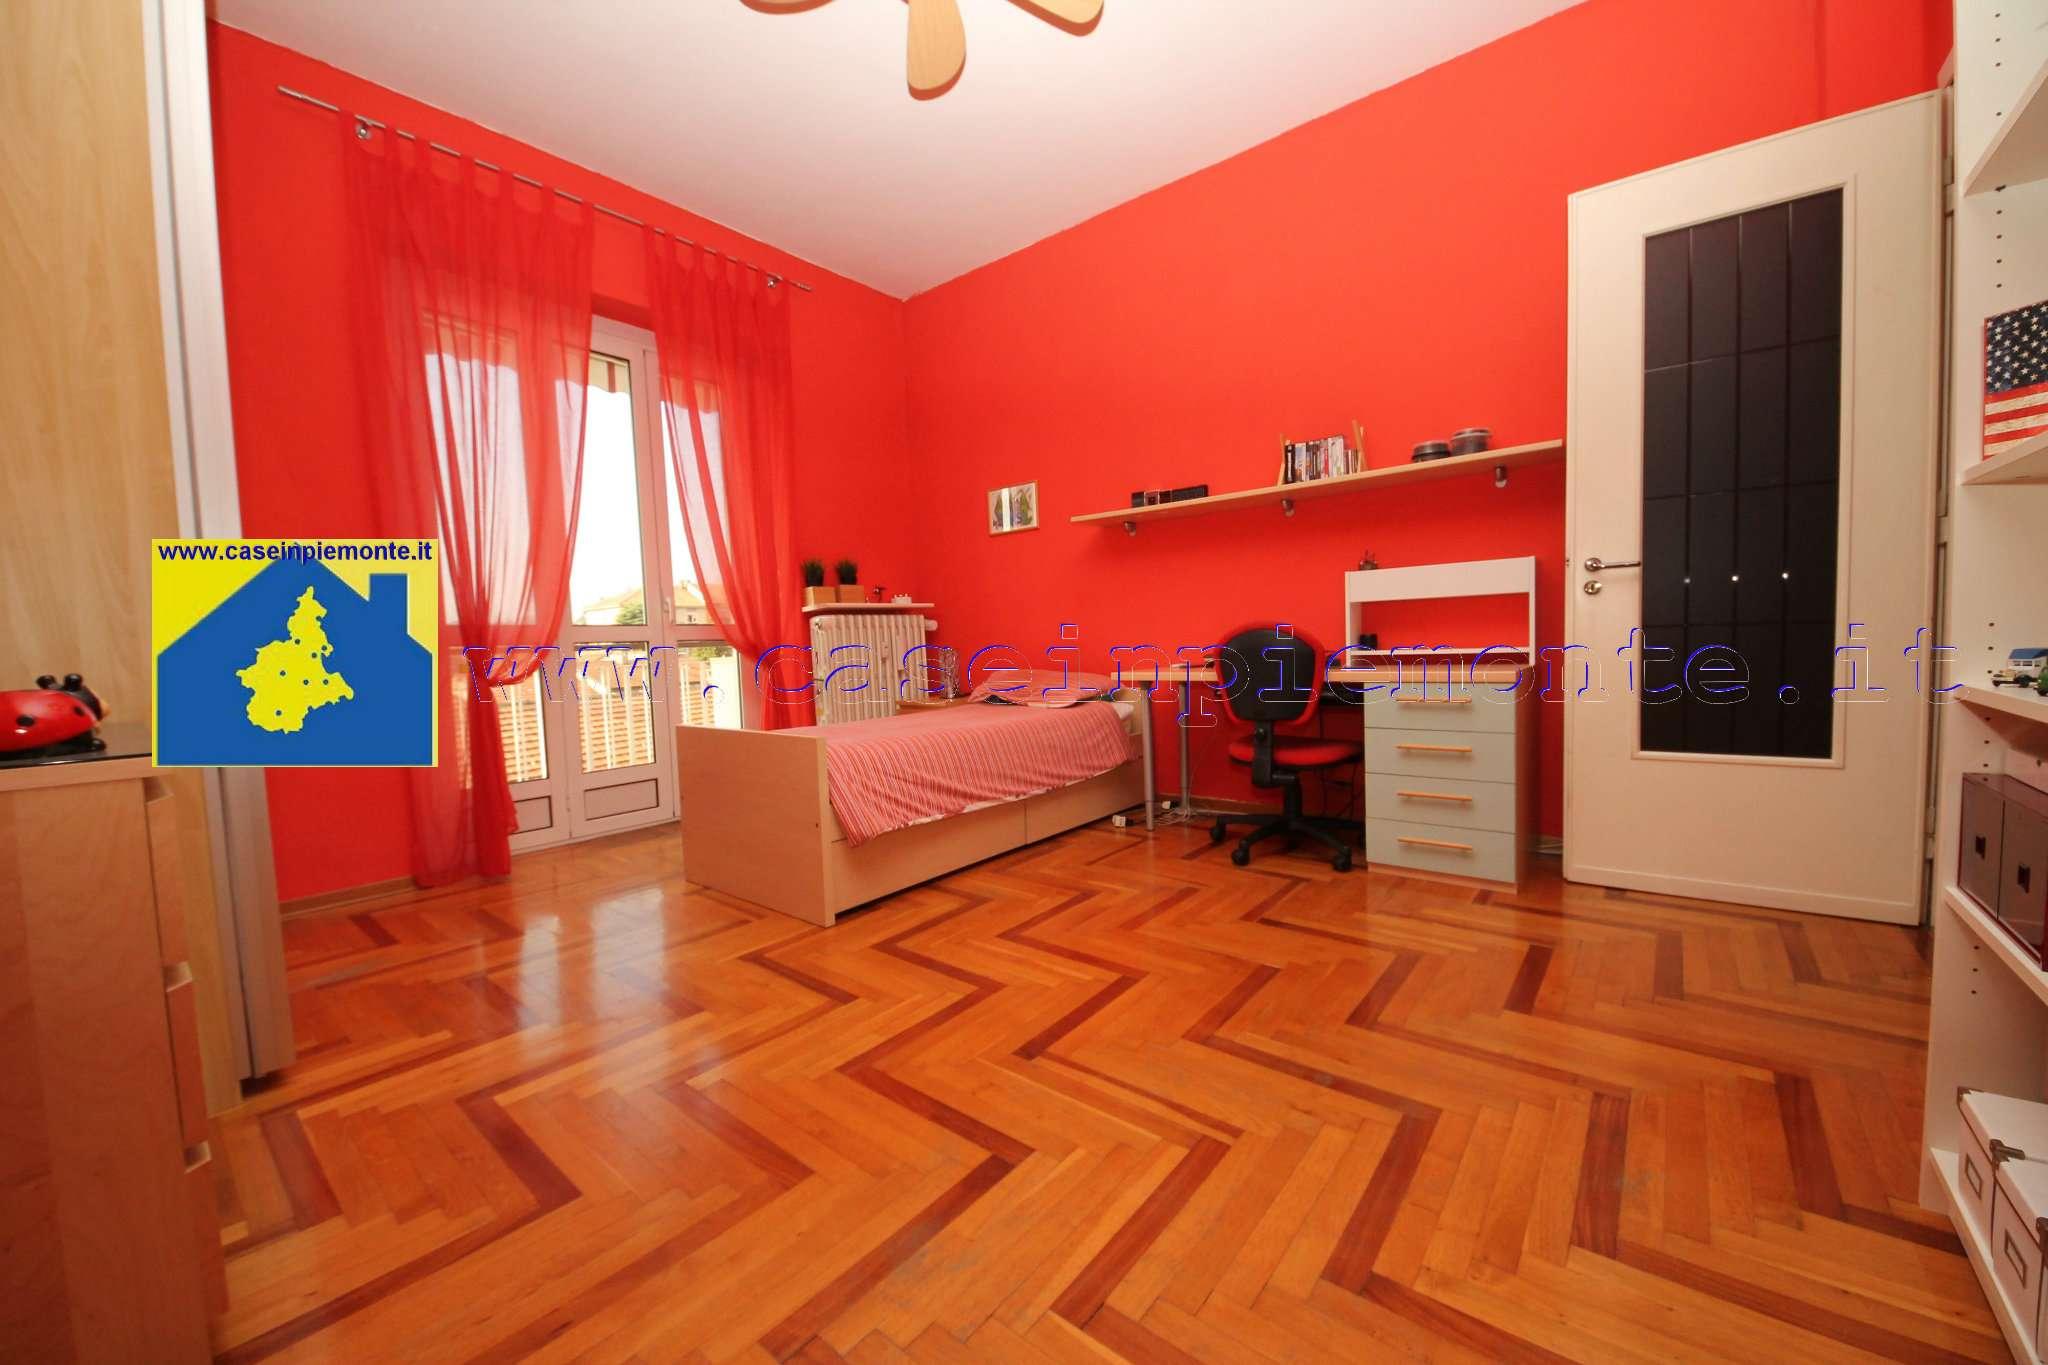 Appartamento in vendita a Alpignano, 5 locali, prezzo € 125.000 | CambioCasa.it